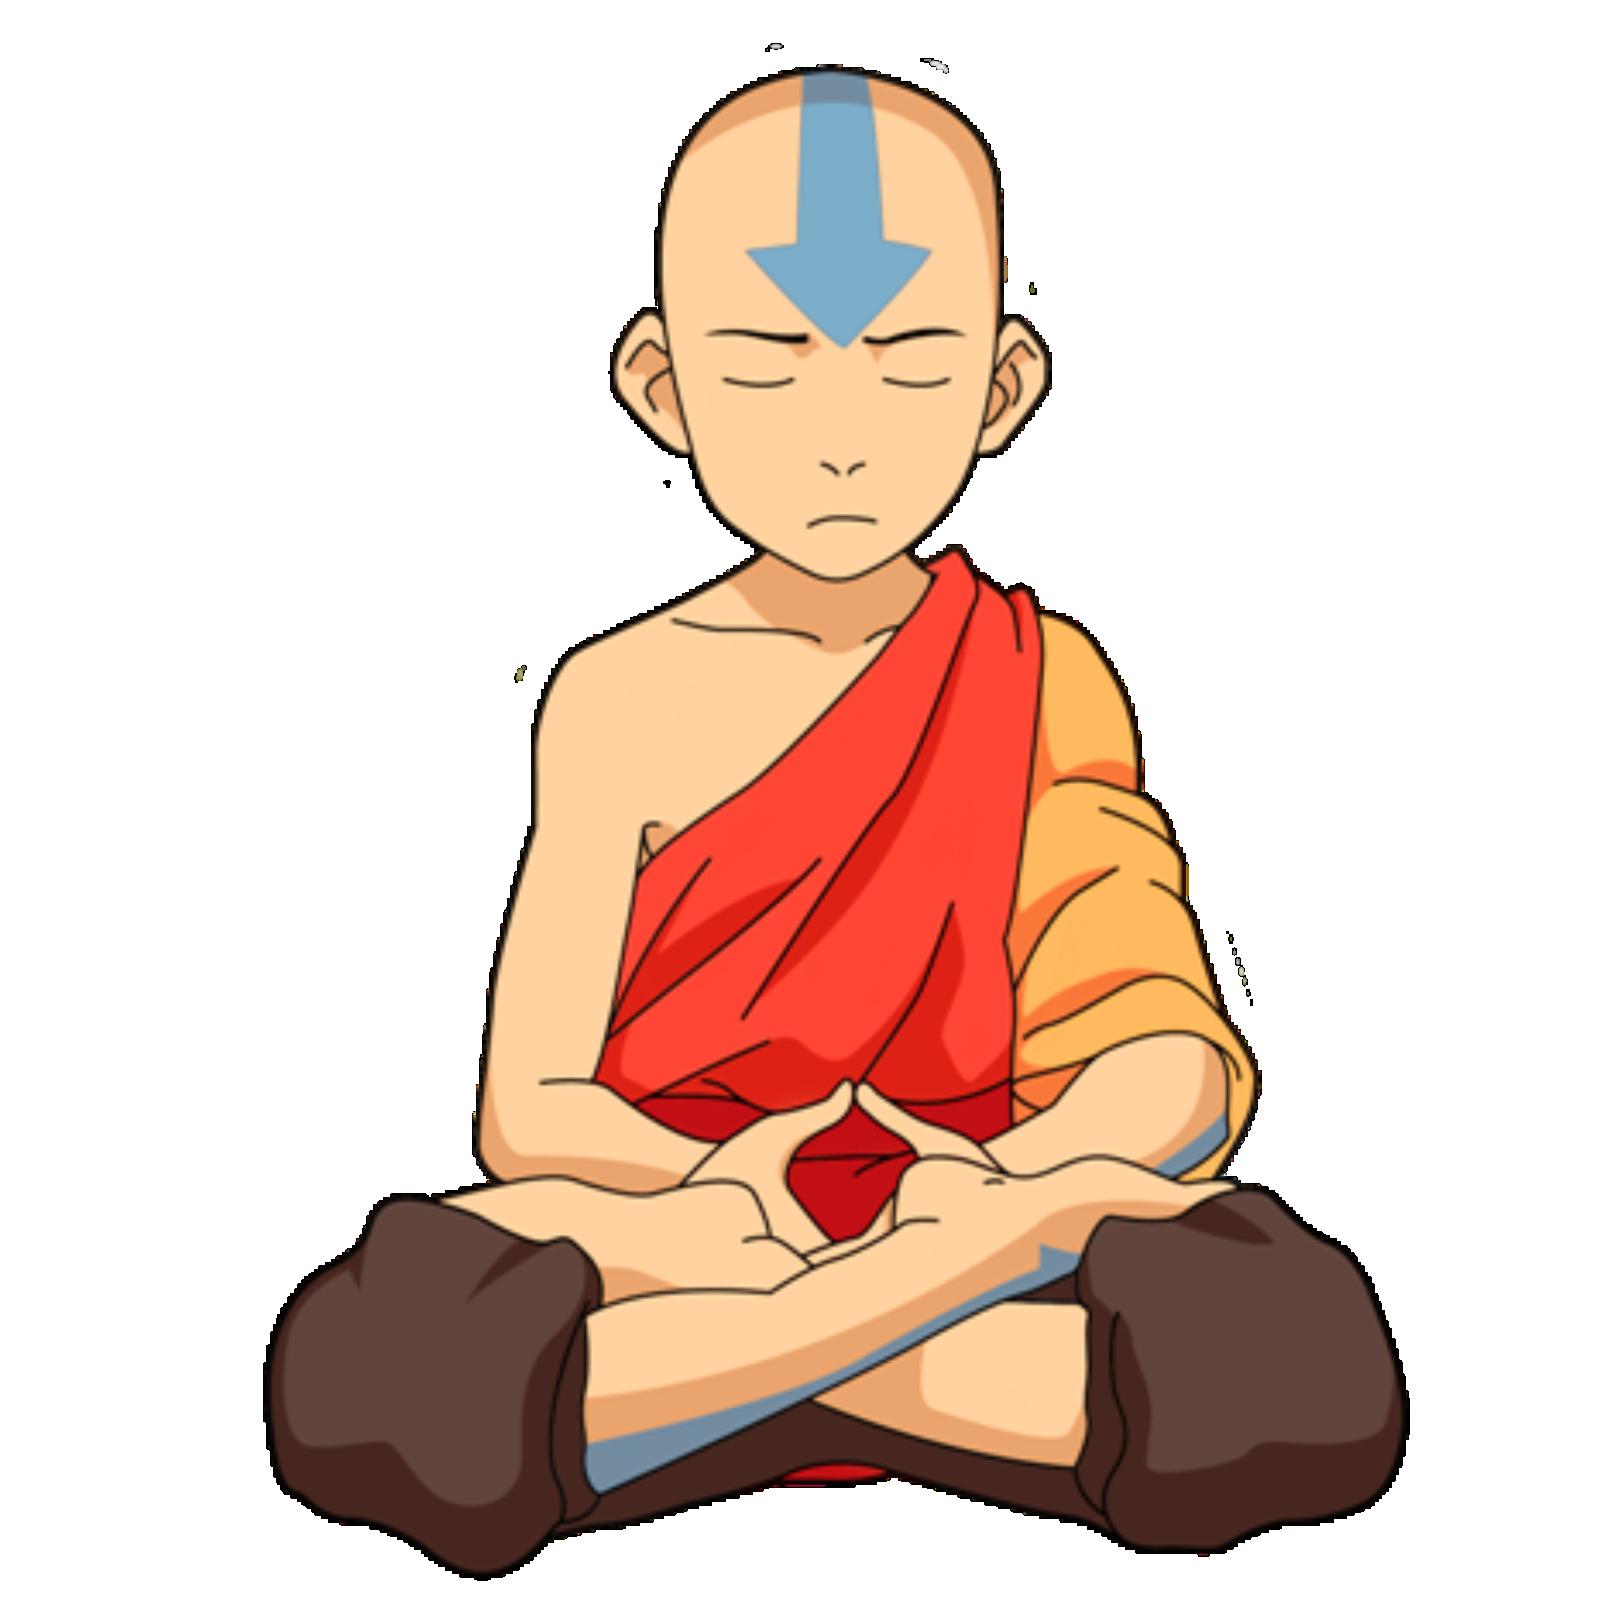 Avatar A Lenda Aang PNG, avatar: the legend of aang, avatar: la leyenda de aang, avatar: die legende von aang